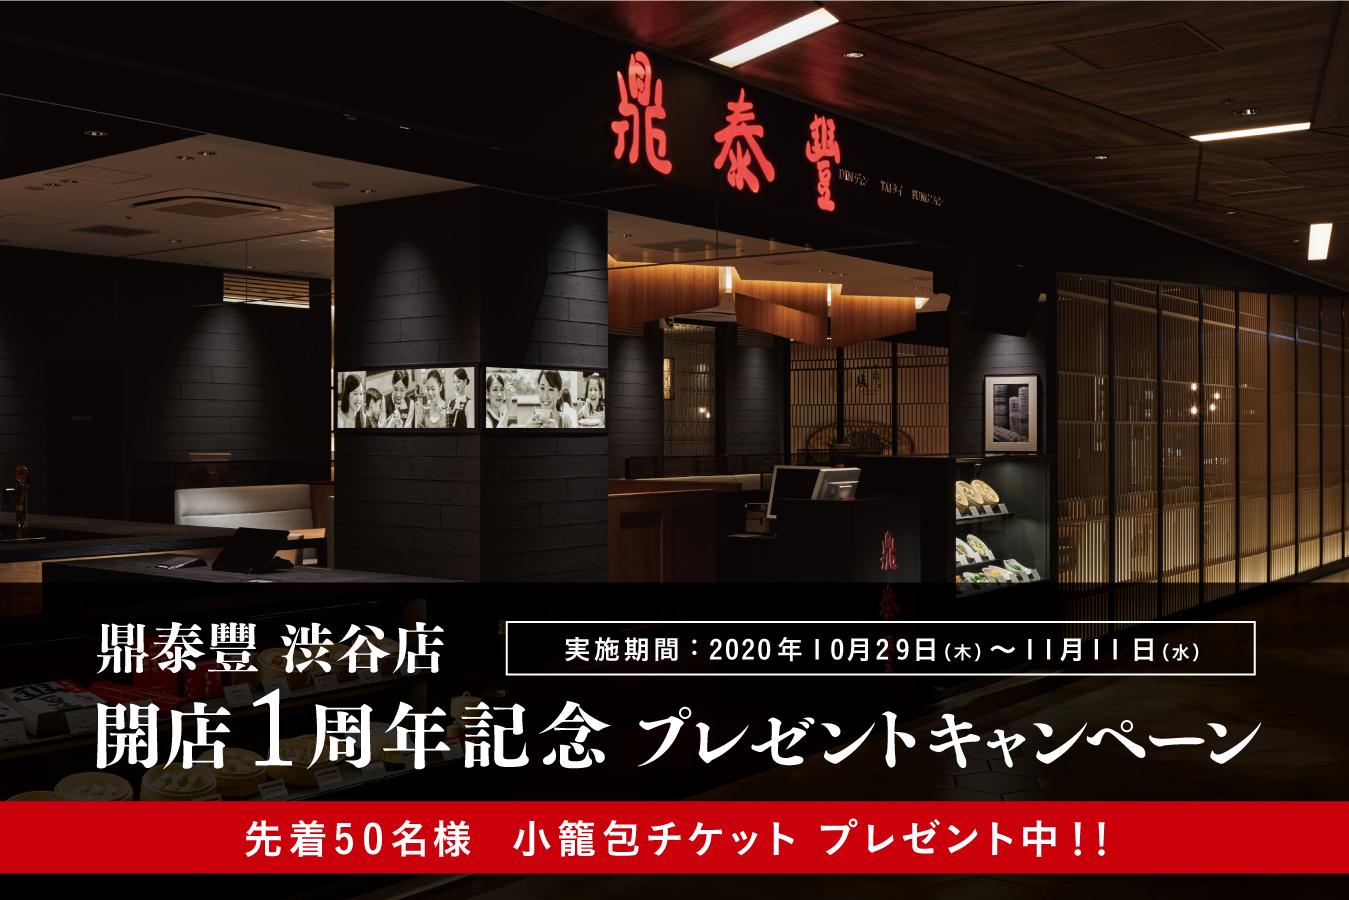 鼎泰豐 渋谷店 開店1周年記念プレゼントキャンペーン